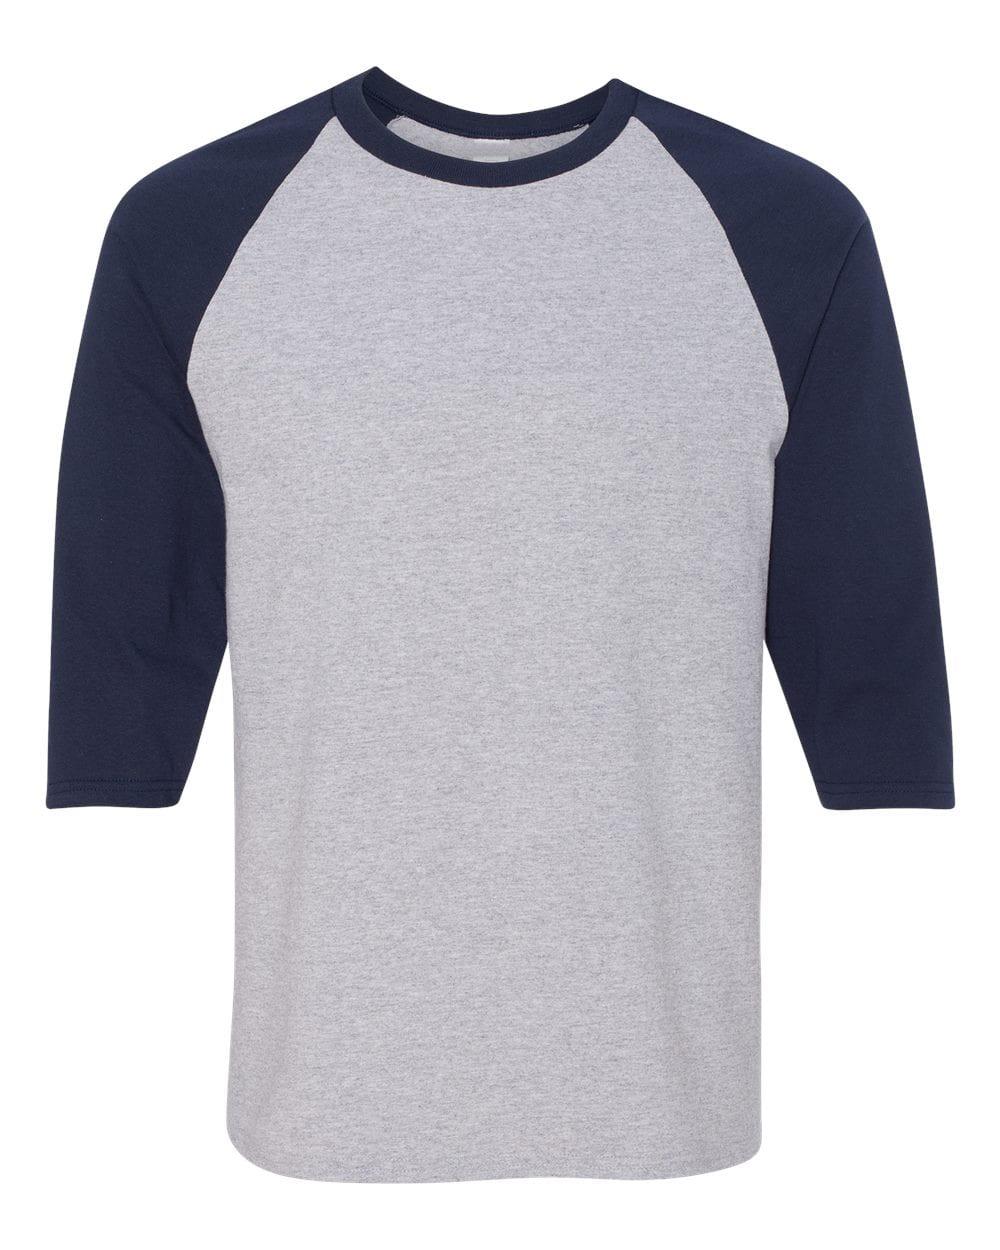 7d8aa7ebf Cheap Custom Shirts Toronto | Saddha